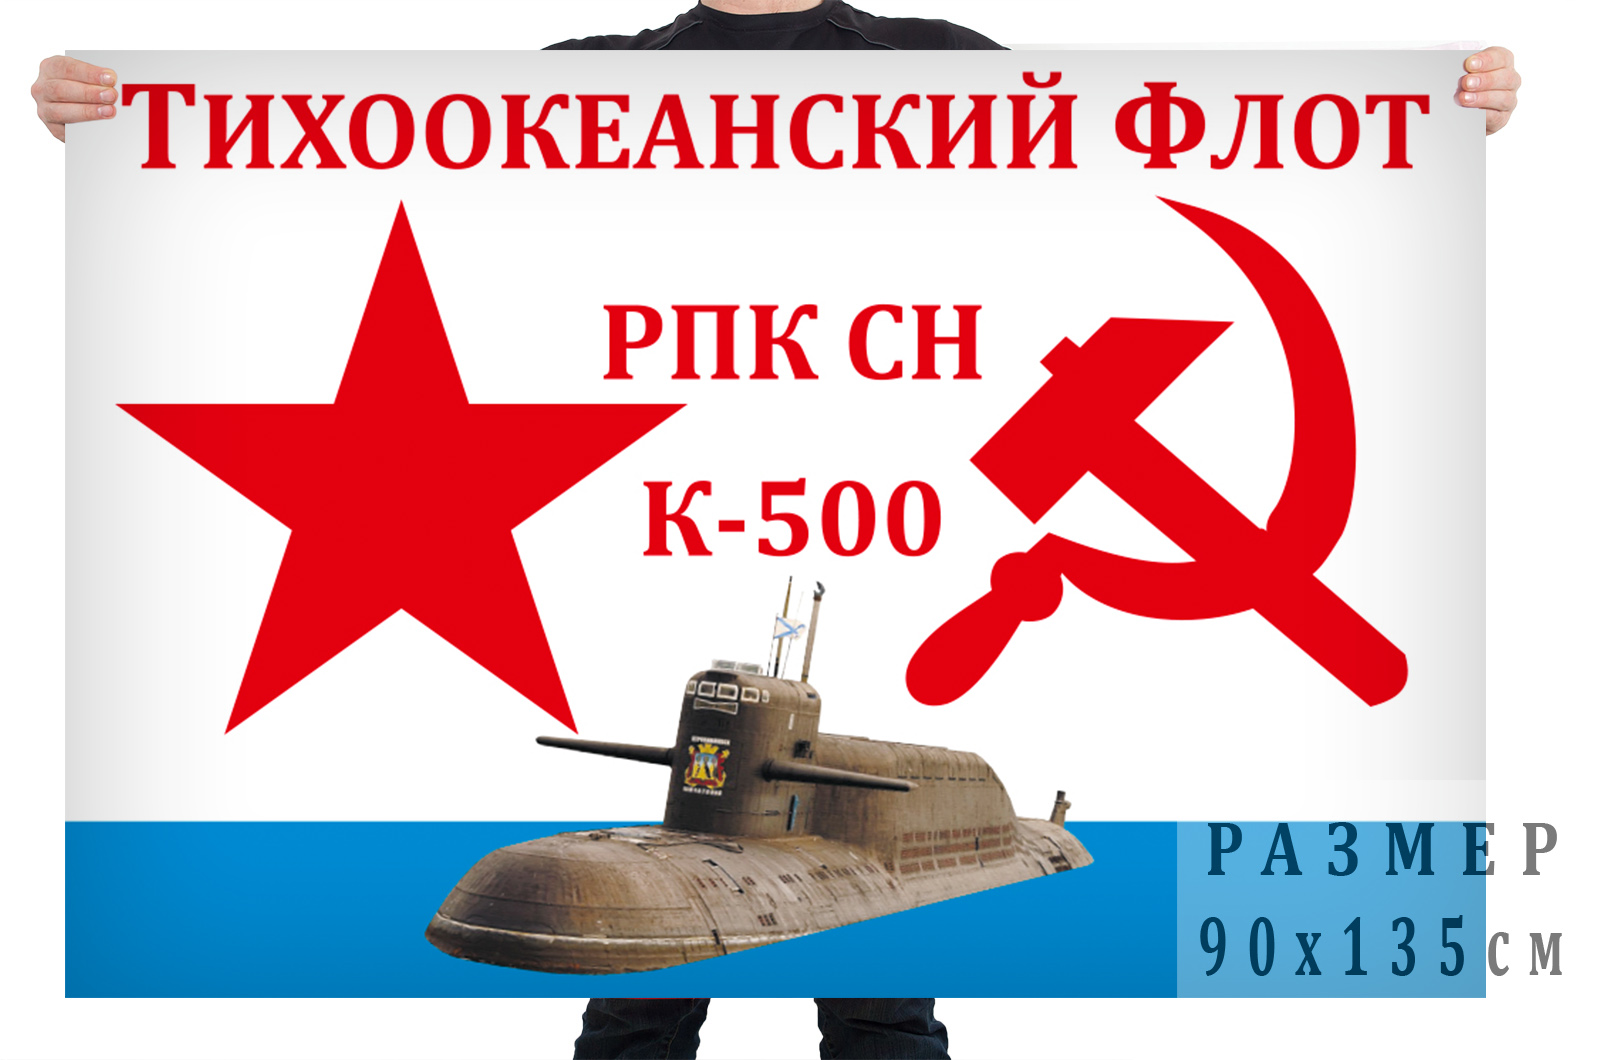 Купить флаг Тихоокеанский флот – РПКСН К-500